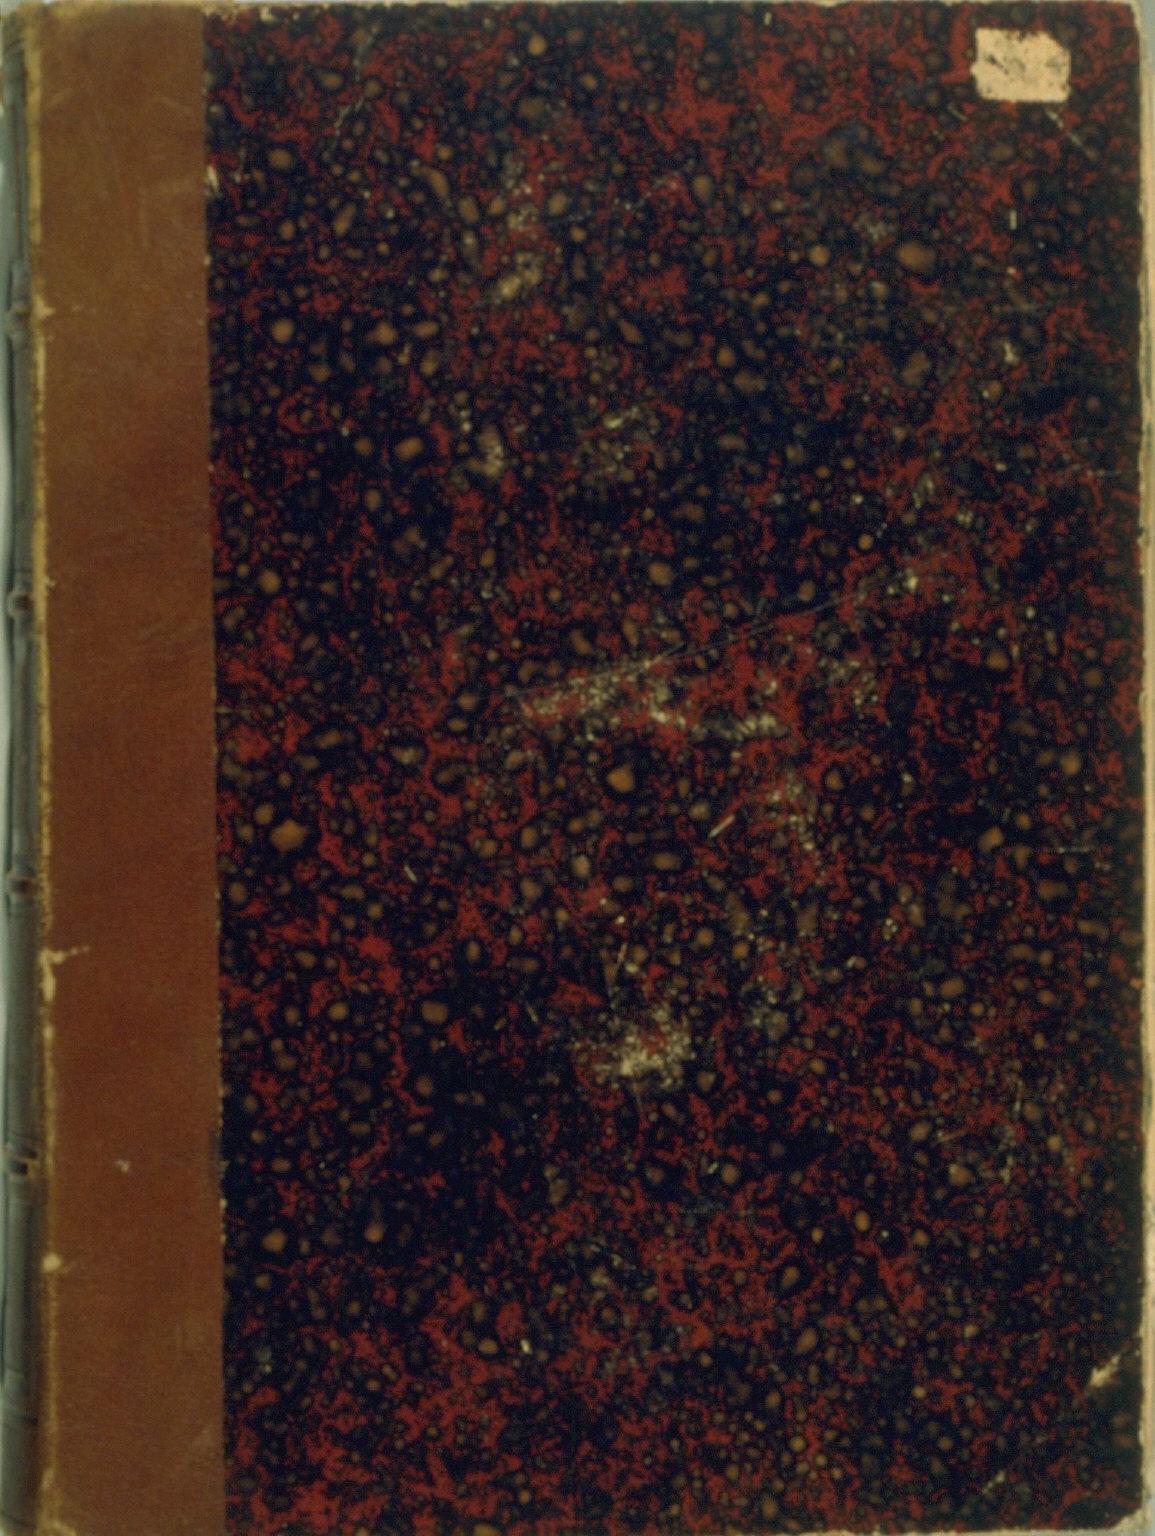 Peintres et Sculpteurs, a bound selection of 81 illustrated essays from the series, Galerie contemporaine, littéraire, artistique